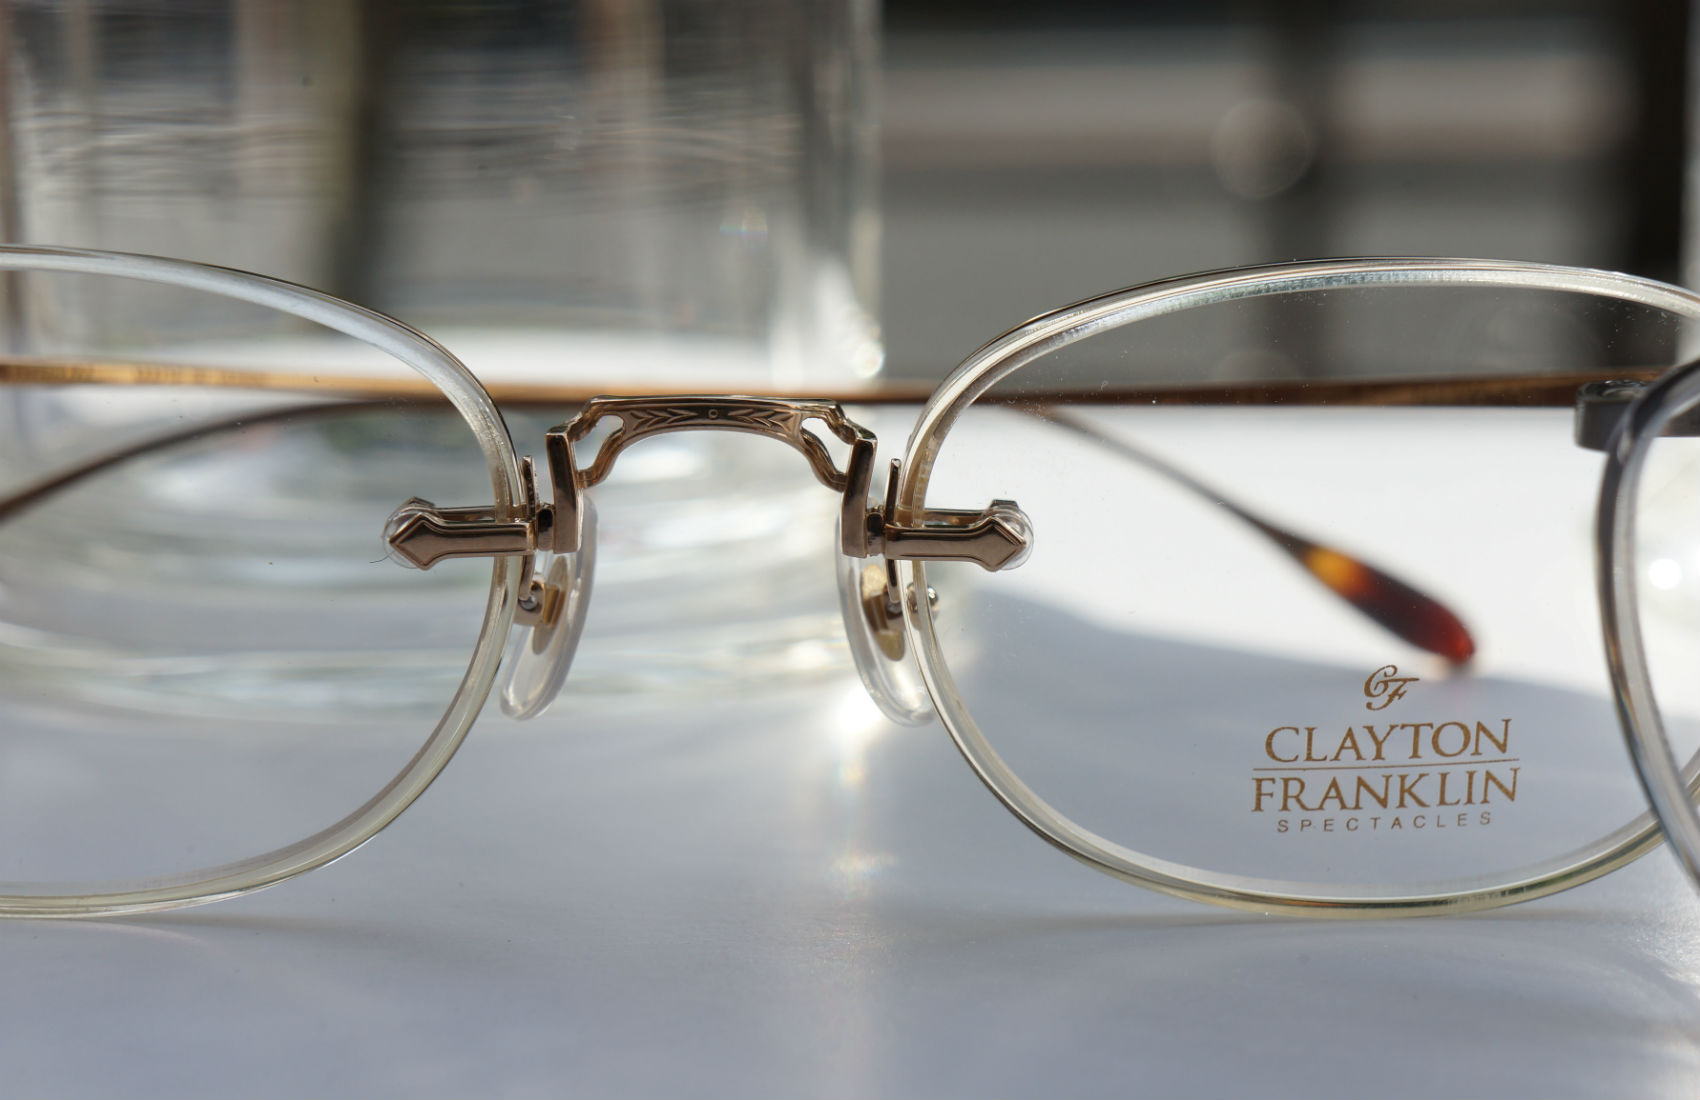 CLAYTON FRANKLIN-629